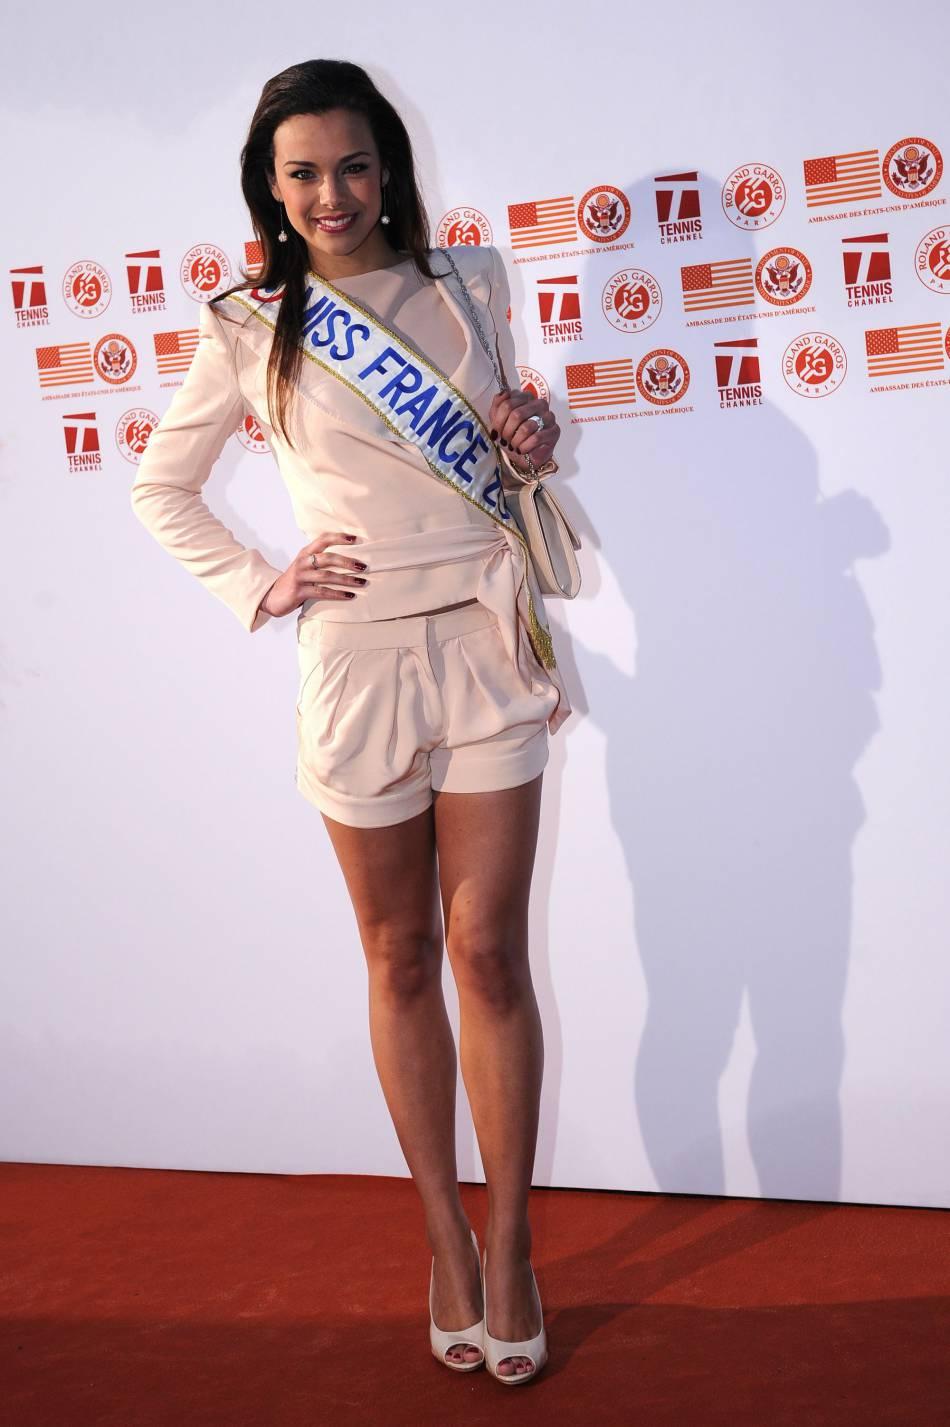 """Pour se souvenir de son année Miss France, elle s'est fait tatouer """"2013"""" en chiffres romain."""